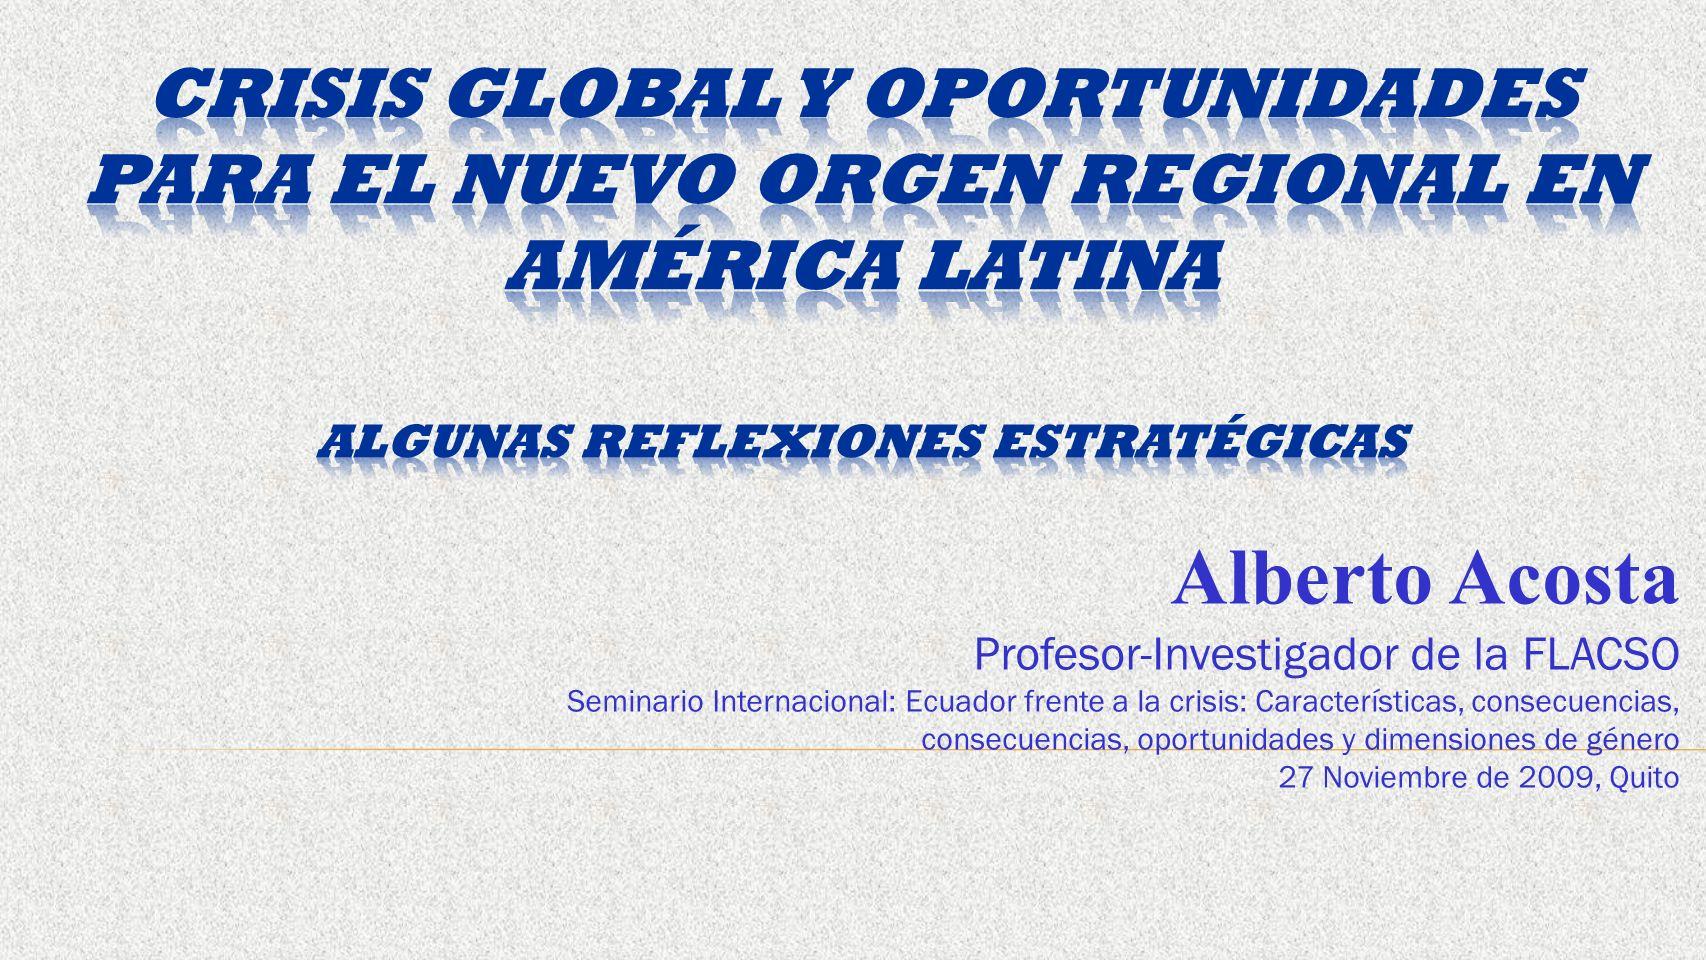 Alberto Acosta Profesor-Investigador de la FLACSO Seminario Internacional: Ecuador frente a la crisis: Características, consecuencias, consecuencias,